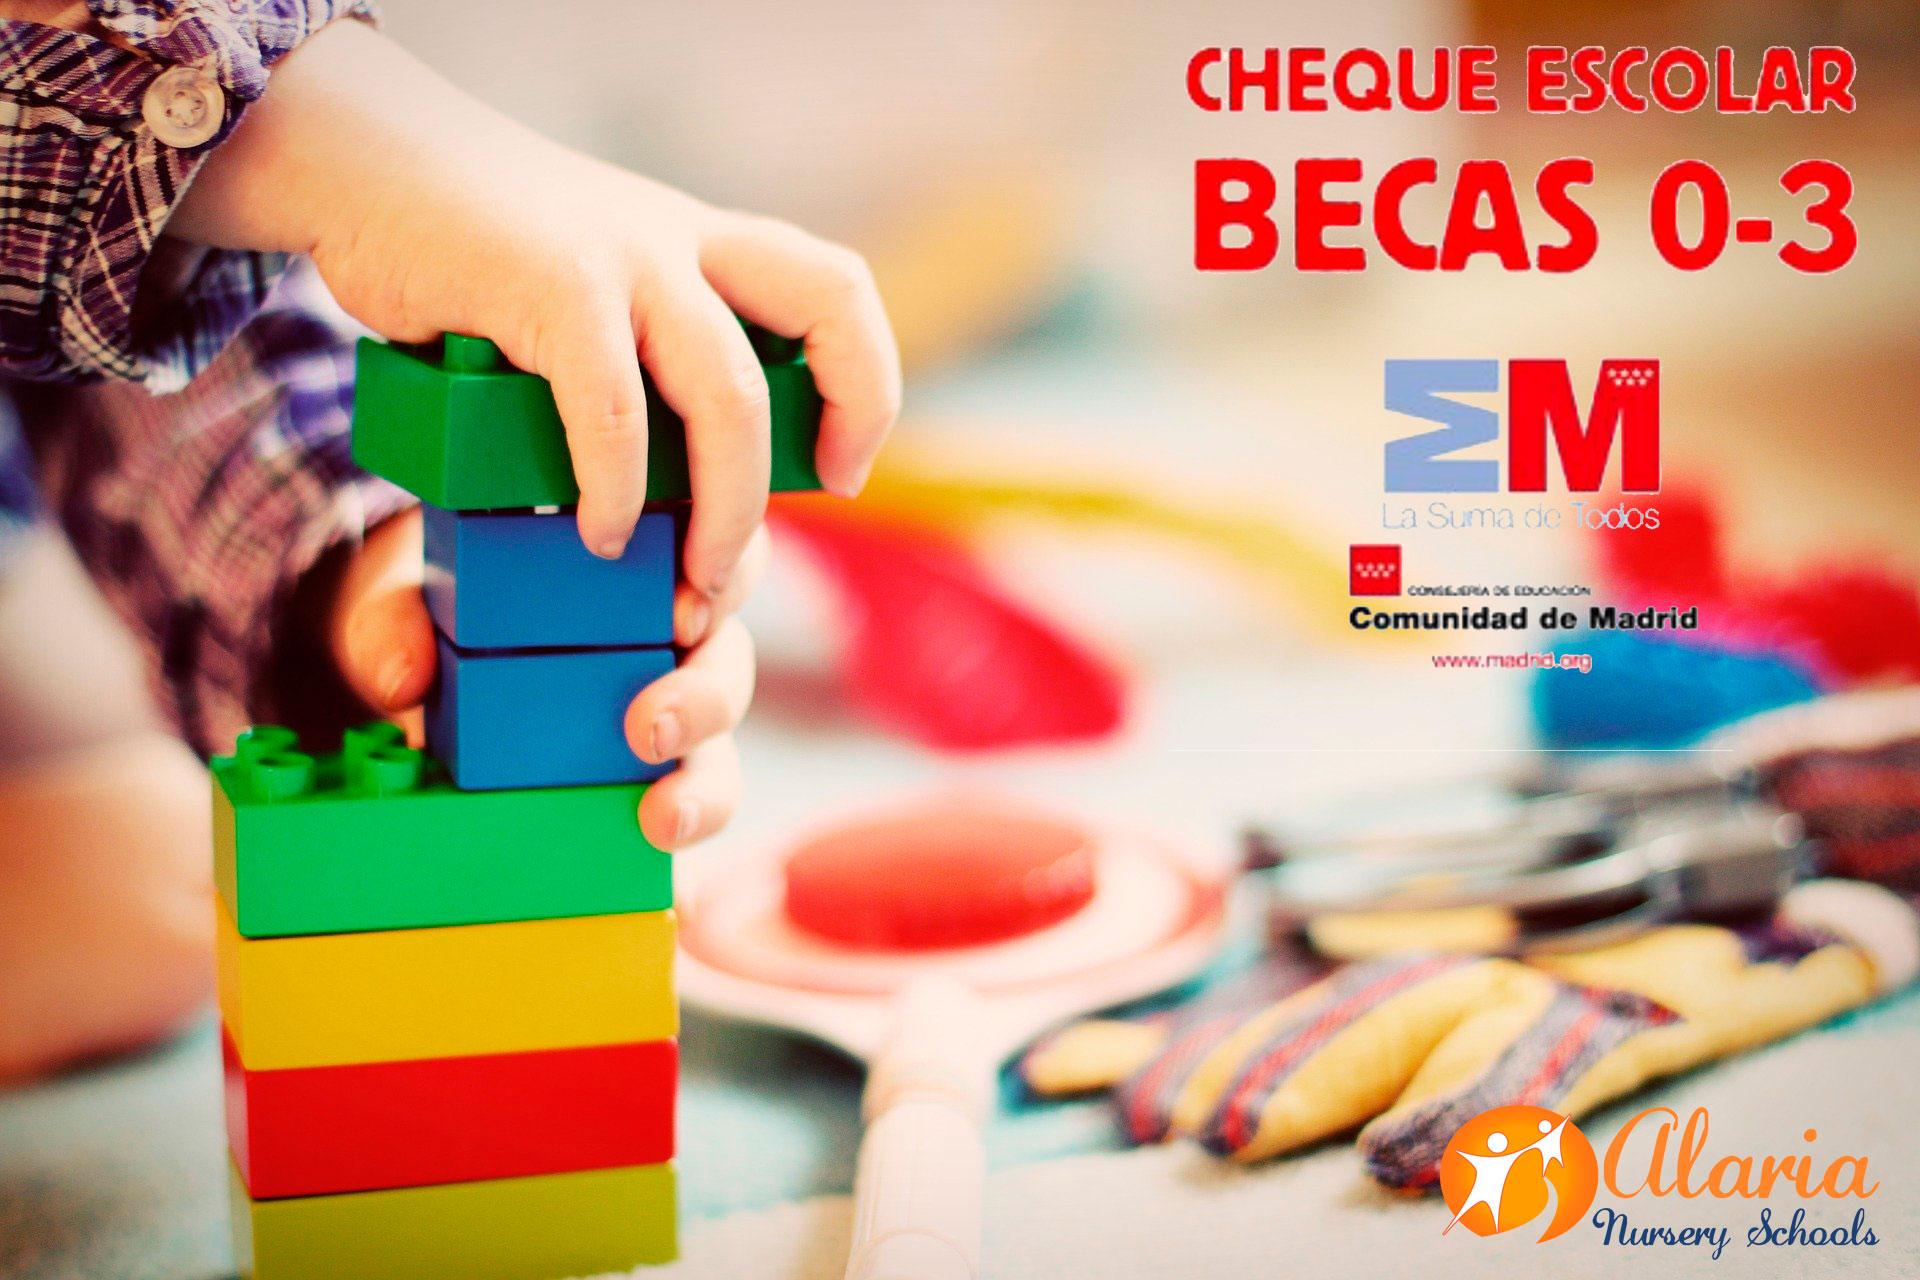 Becas de la Comunidad de Madrid 2020 para escuelas infantiles